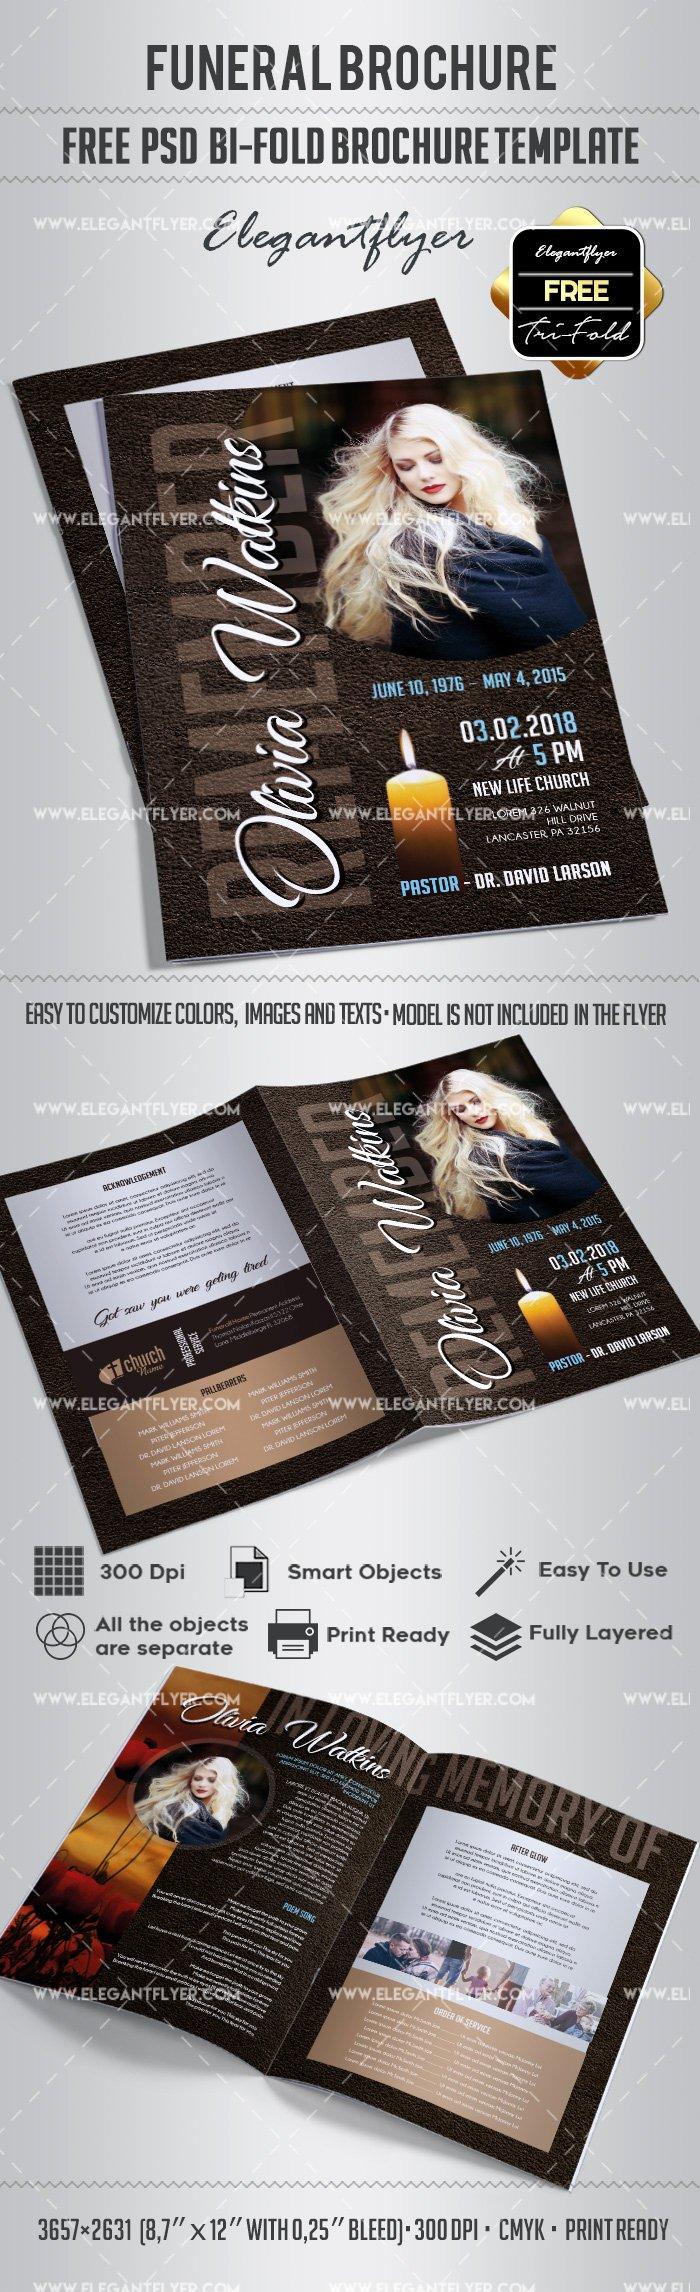 Free Bi Fold Brochure for Funeral – by Elegantflyer